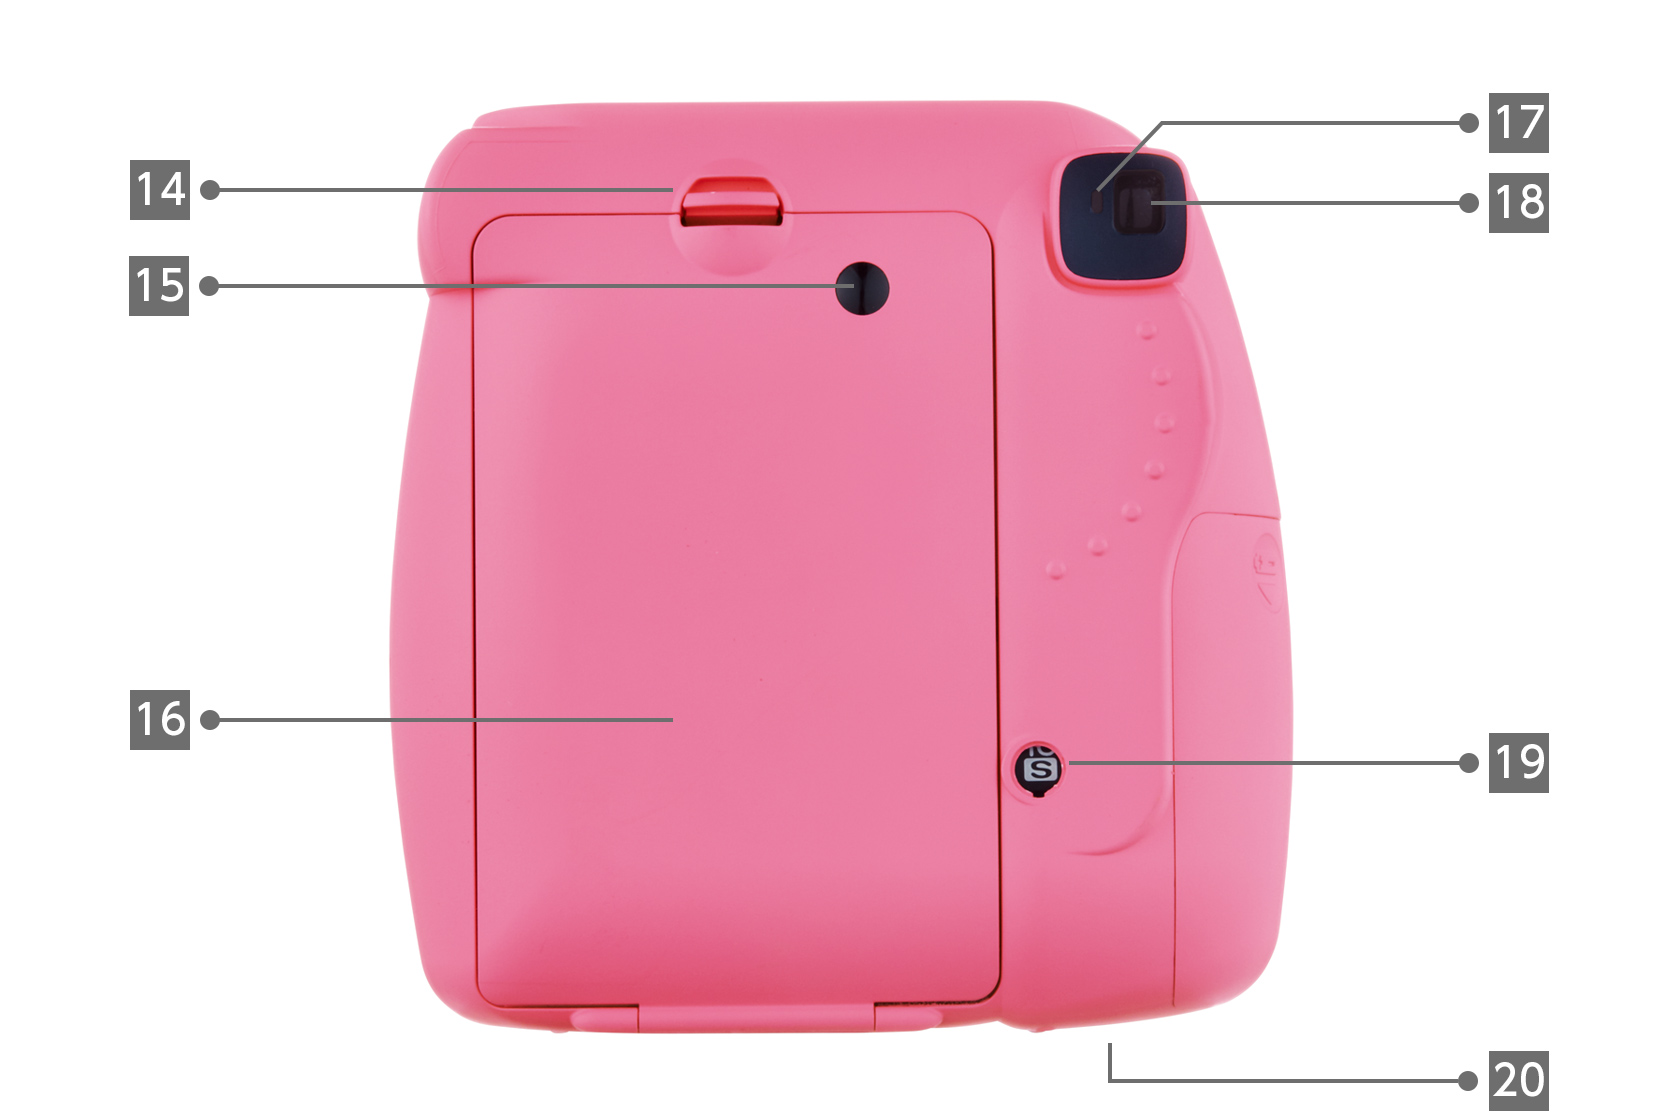 Vue arrière de l'appareil photo Mini 9rose flamant